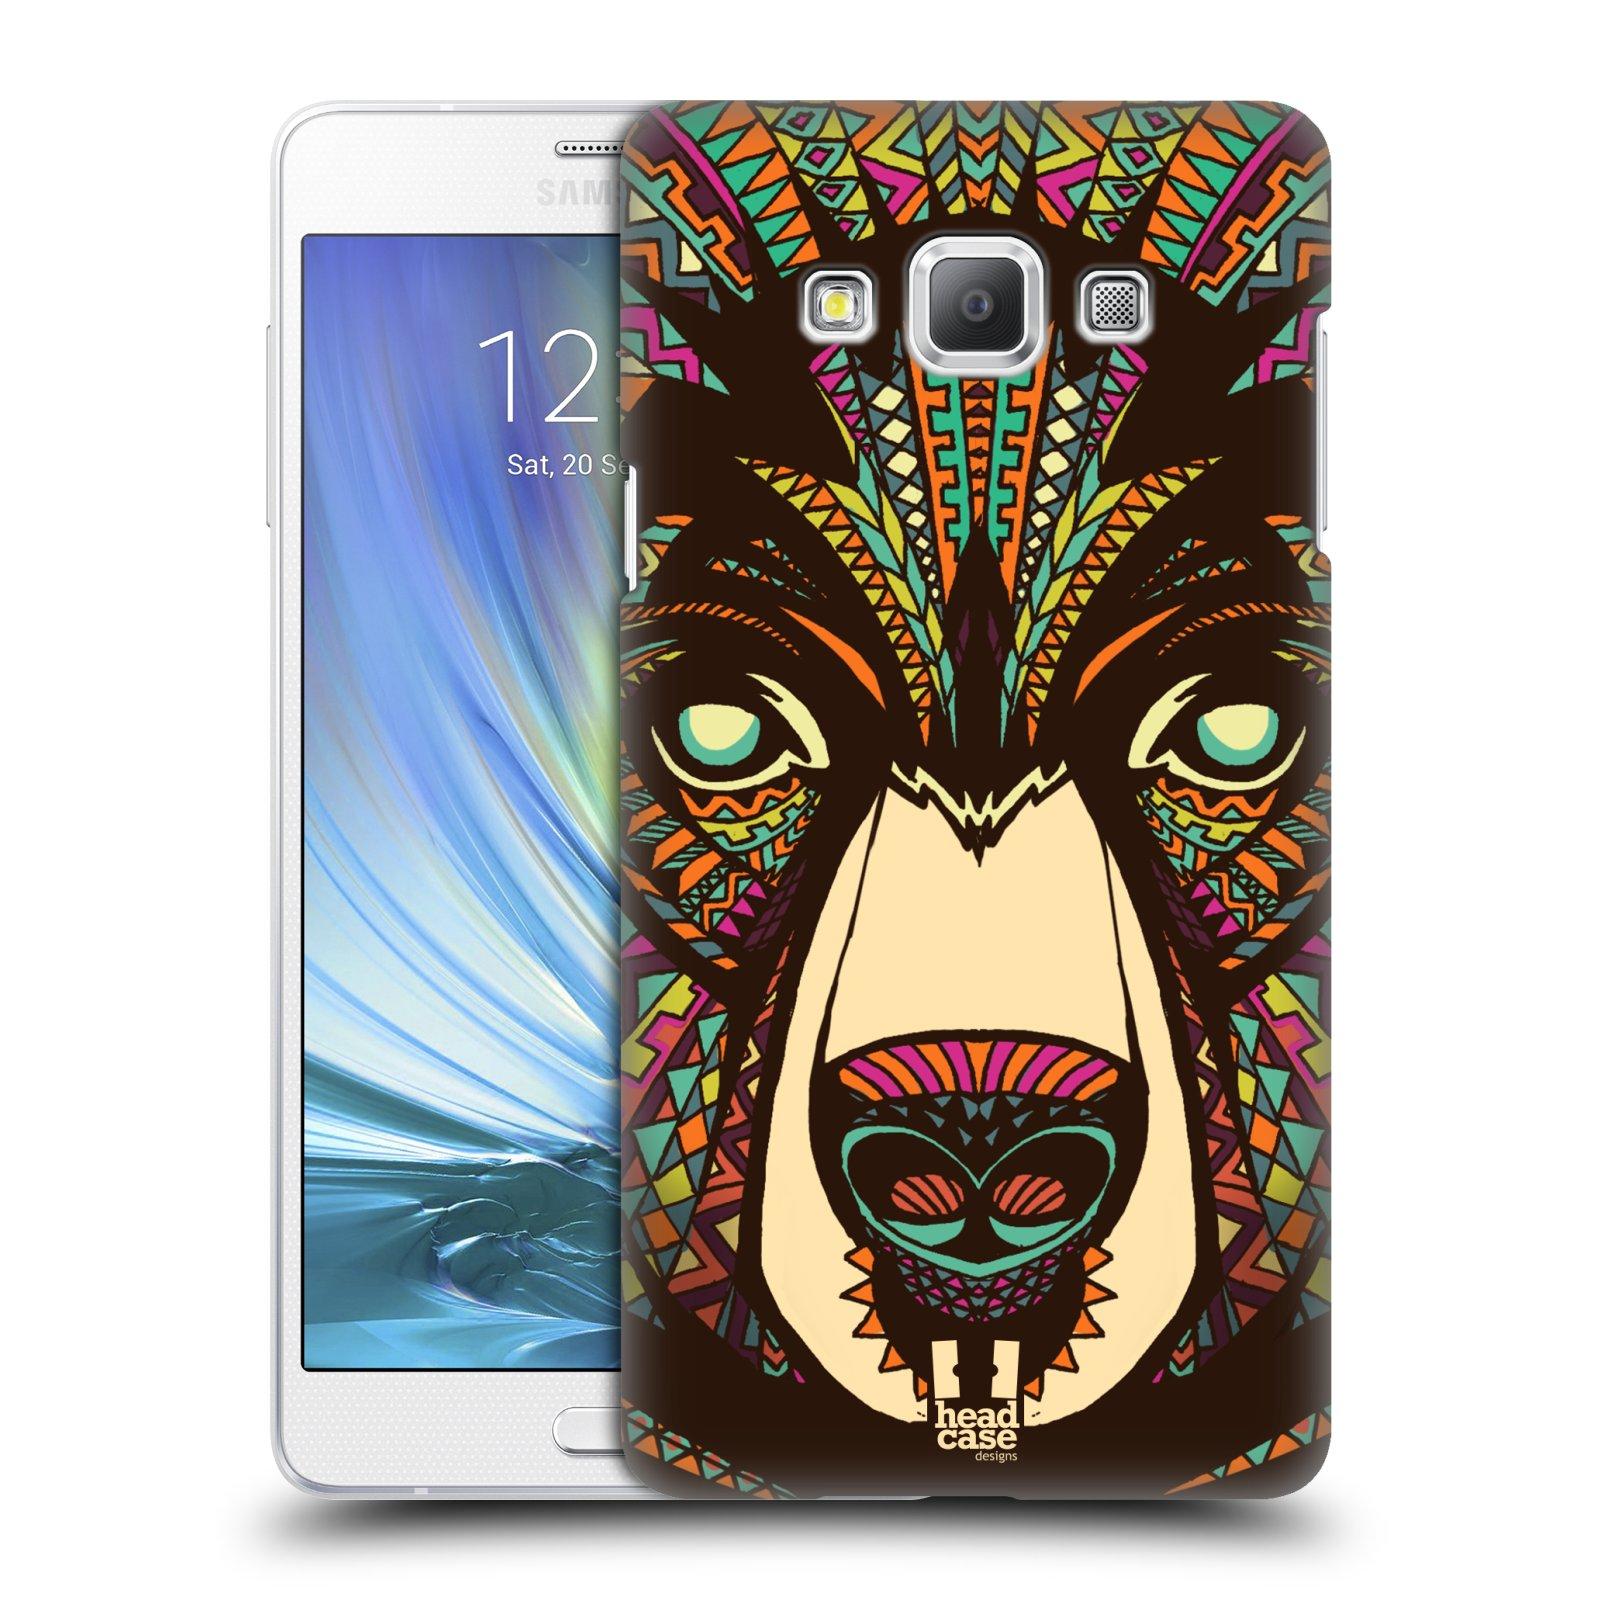 HEAD CASE plastový obal na mobil SAMSUNG GALAXY A7 vzor Aztécký motiv zvíře medvěd